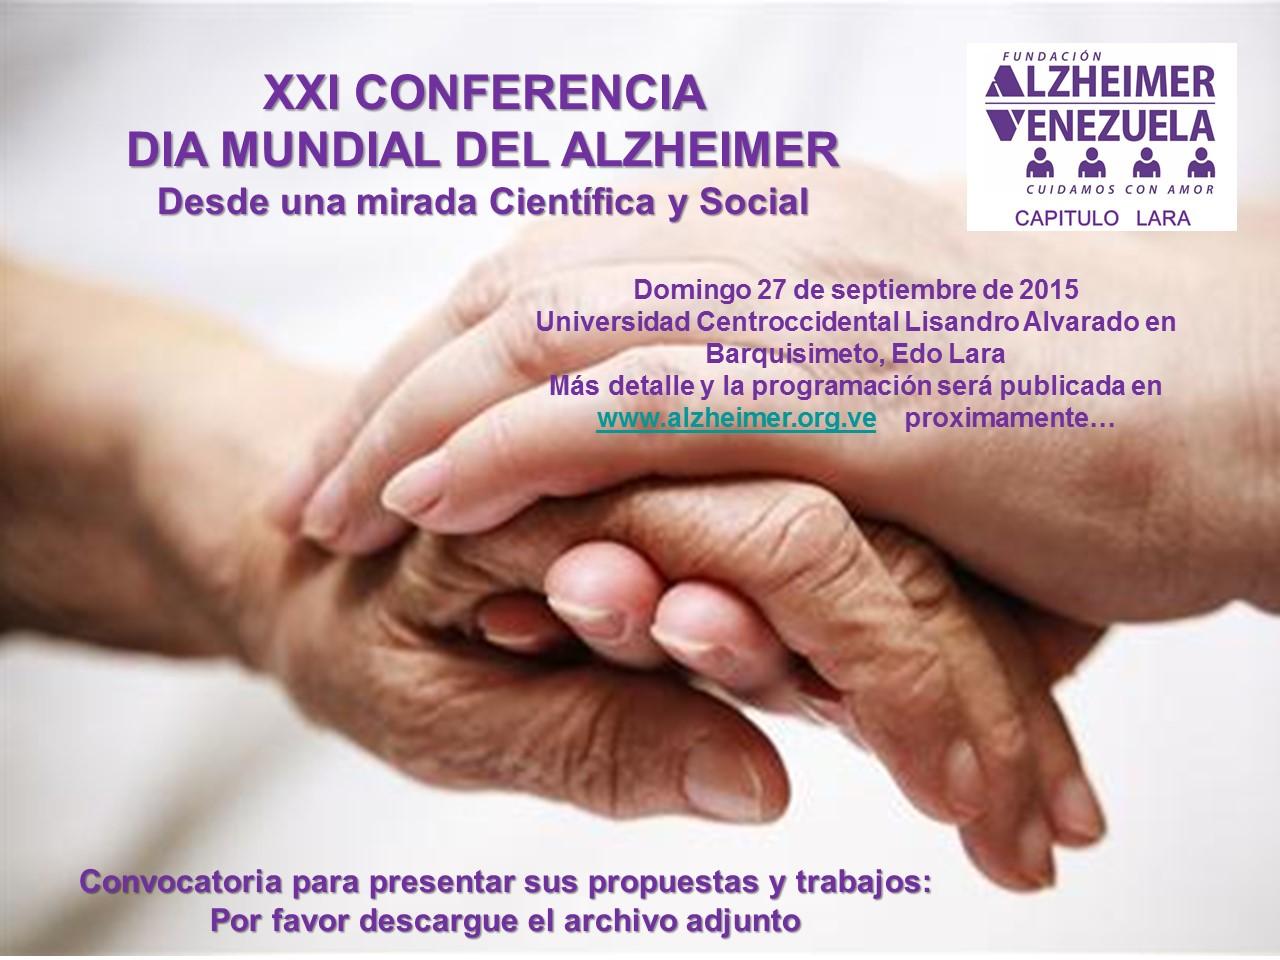 Afiche convocatoria propuestas XXI Conferencia